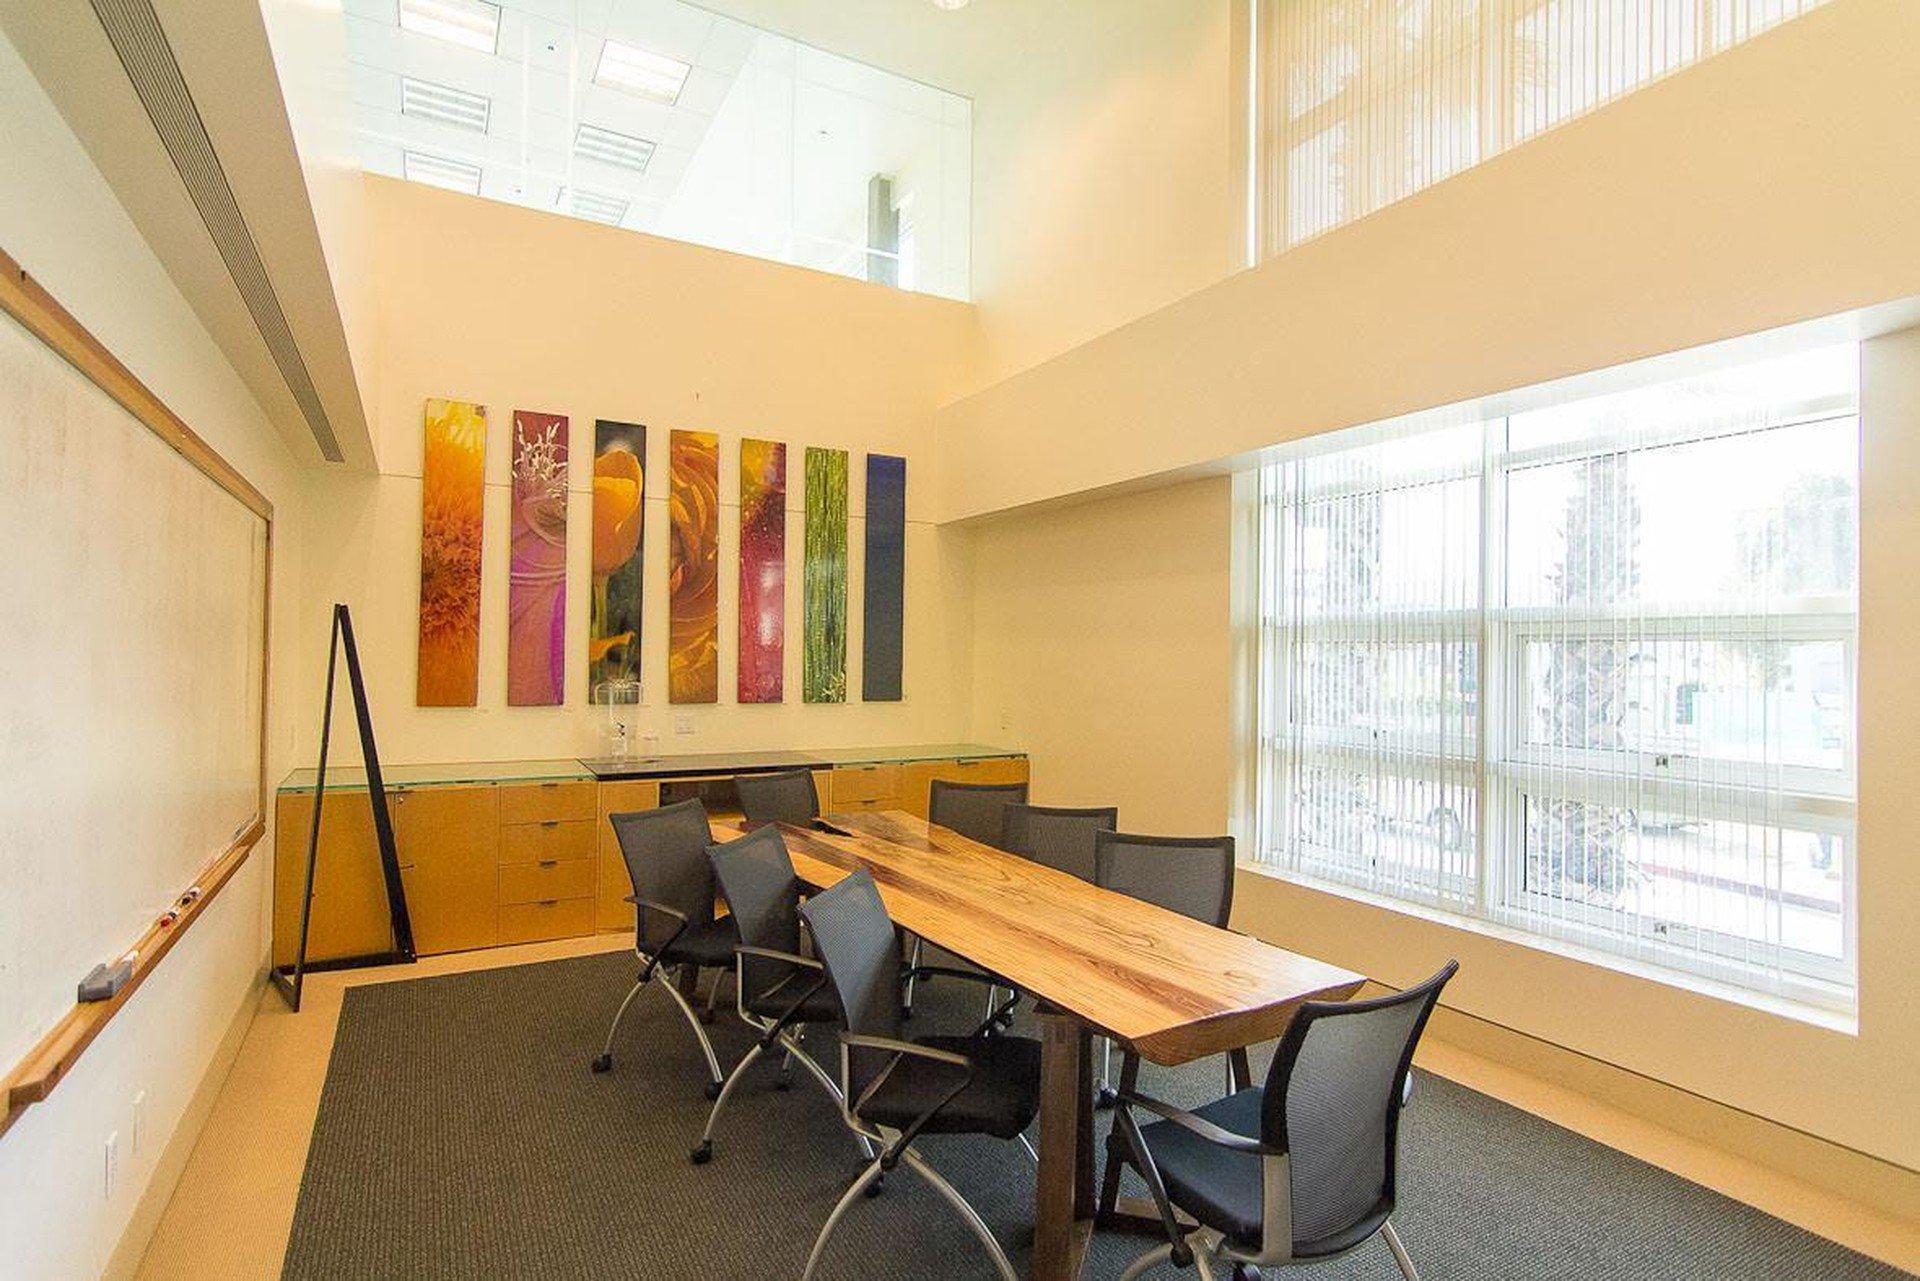 Autres villes conference rooms Salle de réunion Satellite Inc - Conference Room image 1